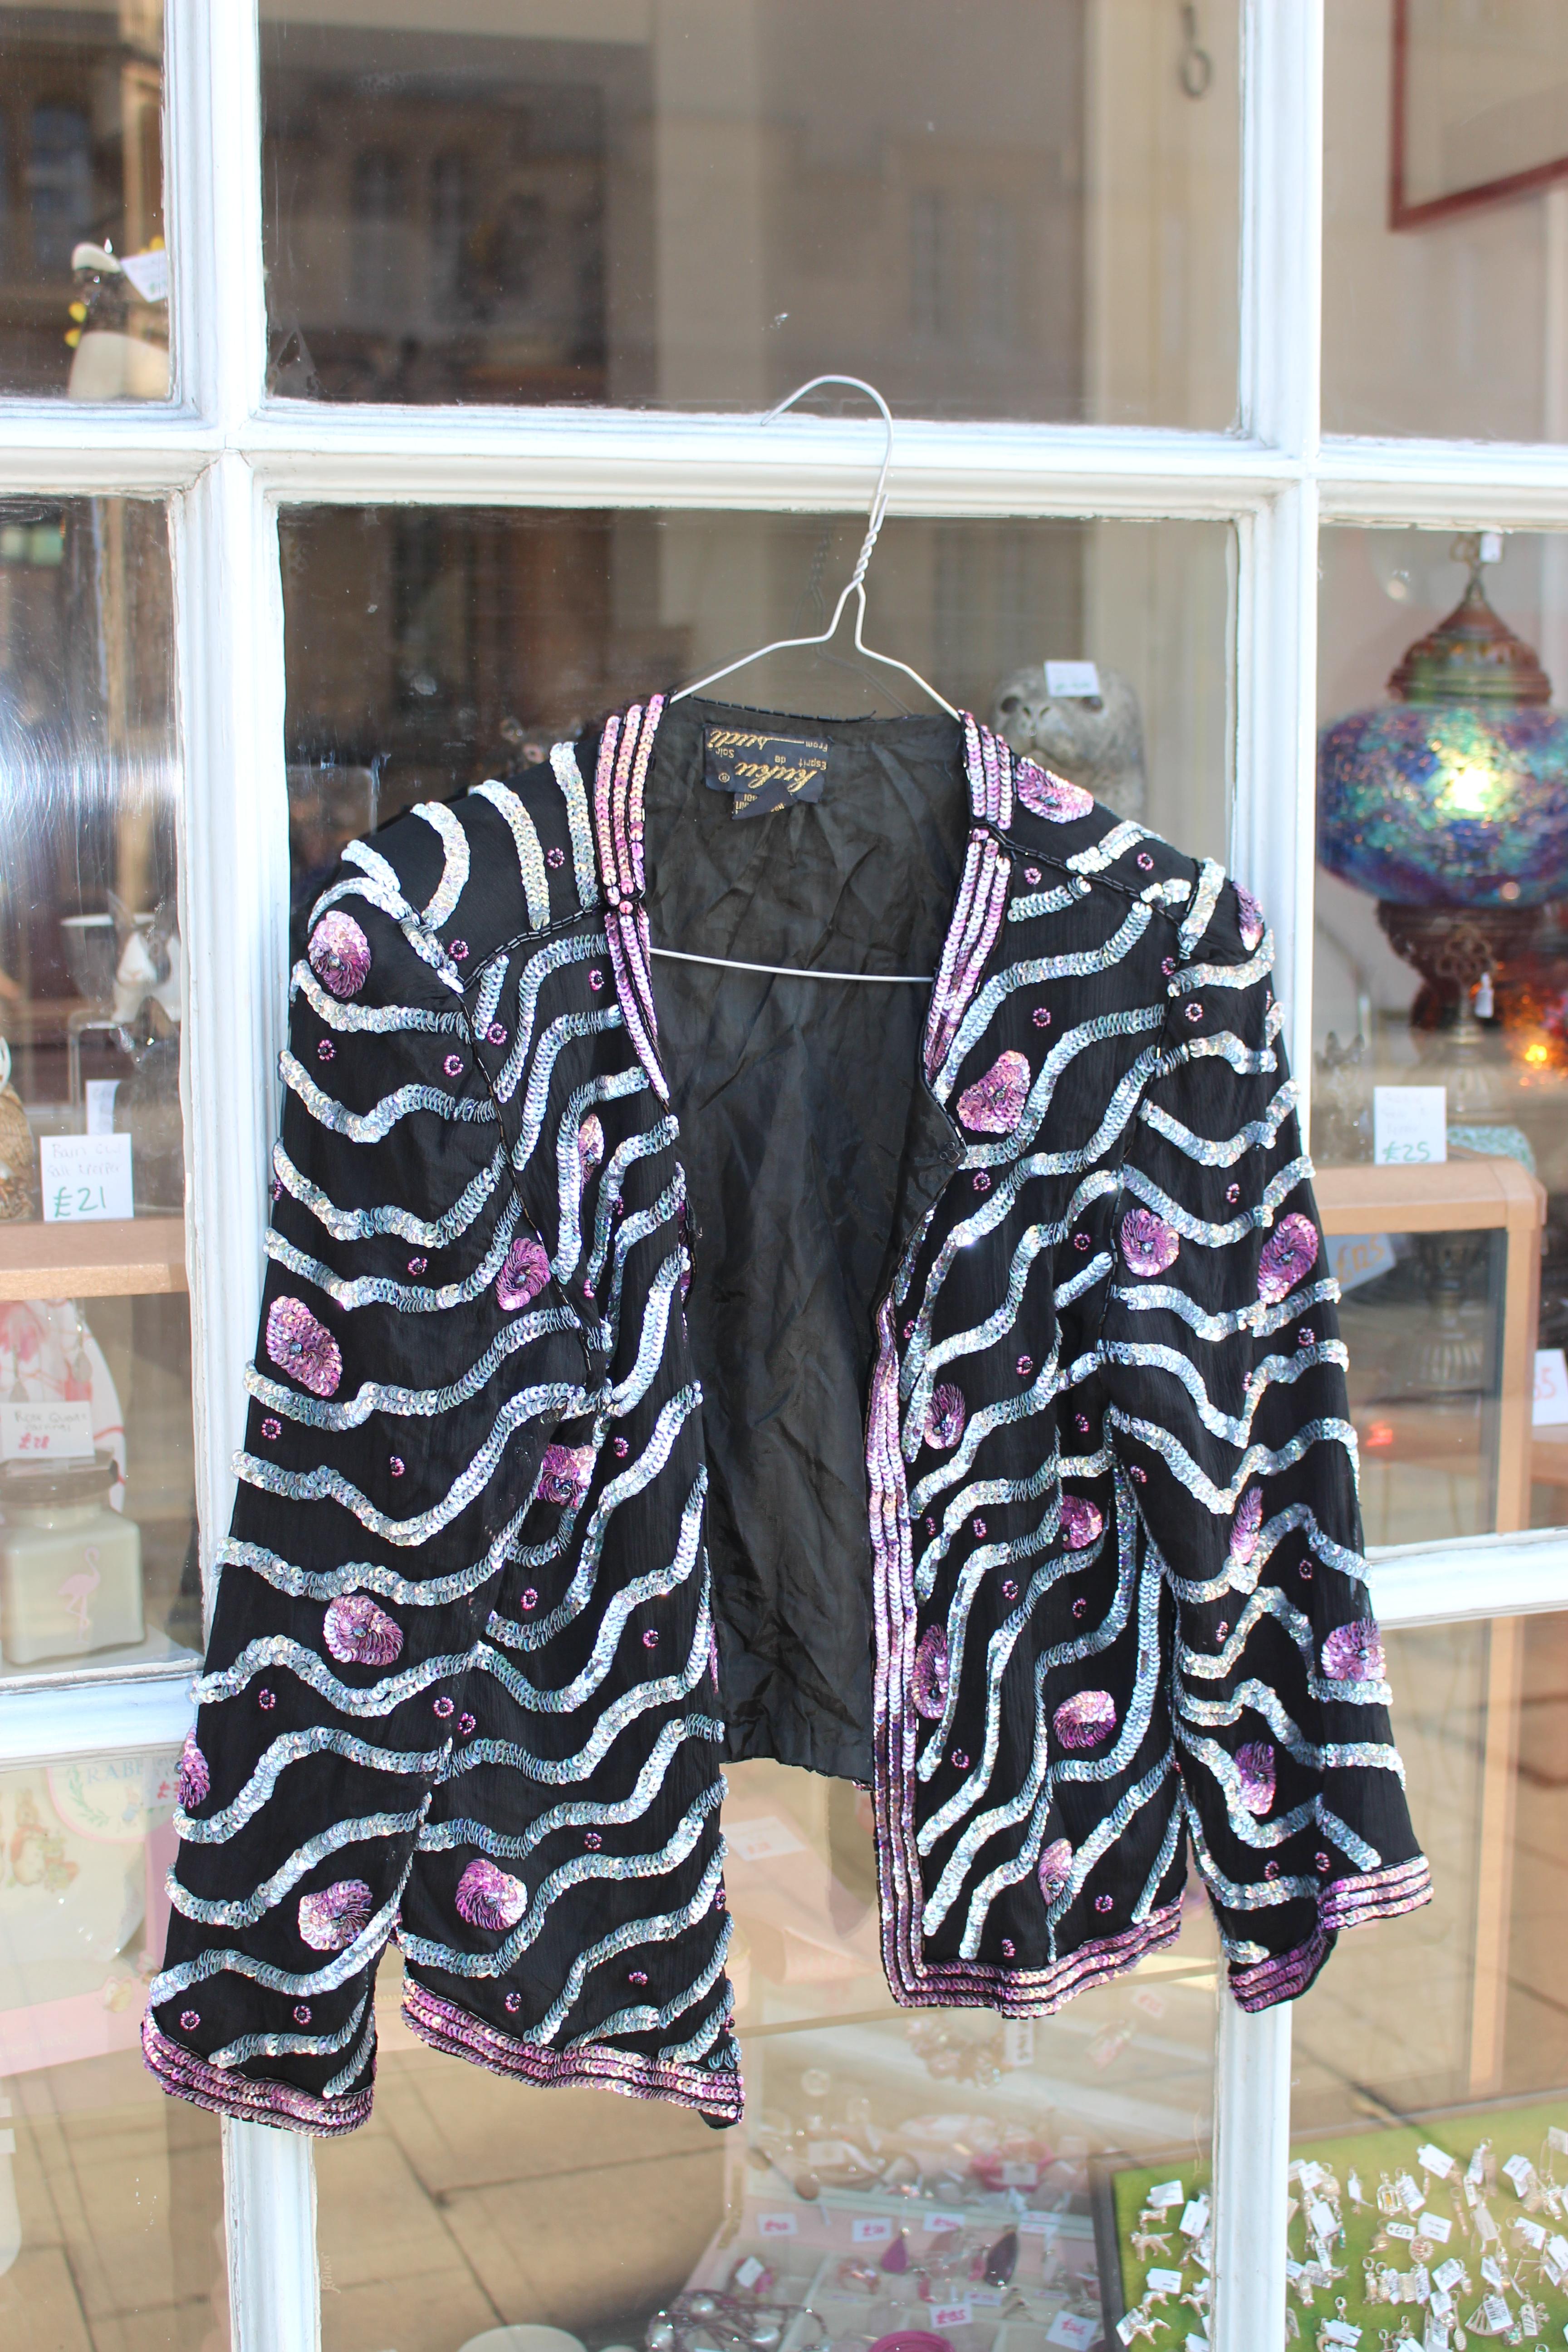 Kuku silver-stripe bolero jacket